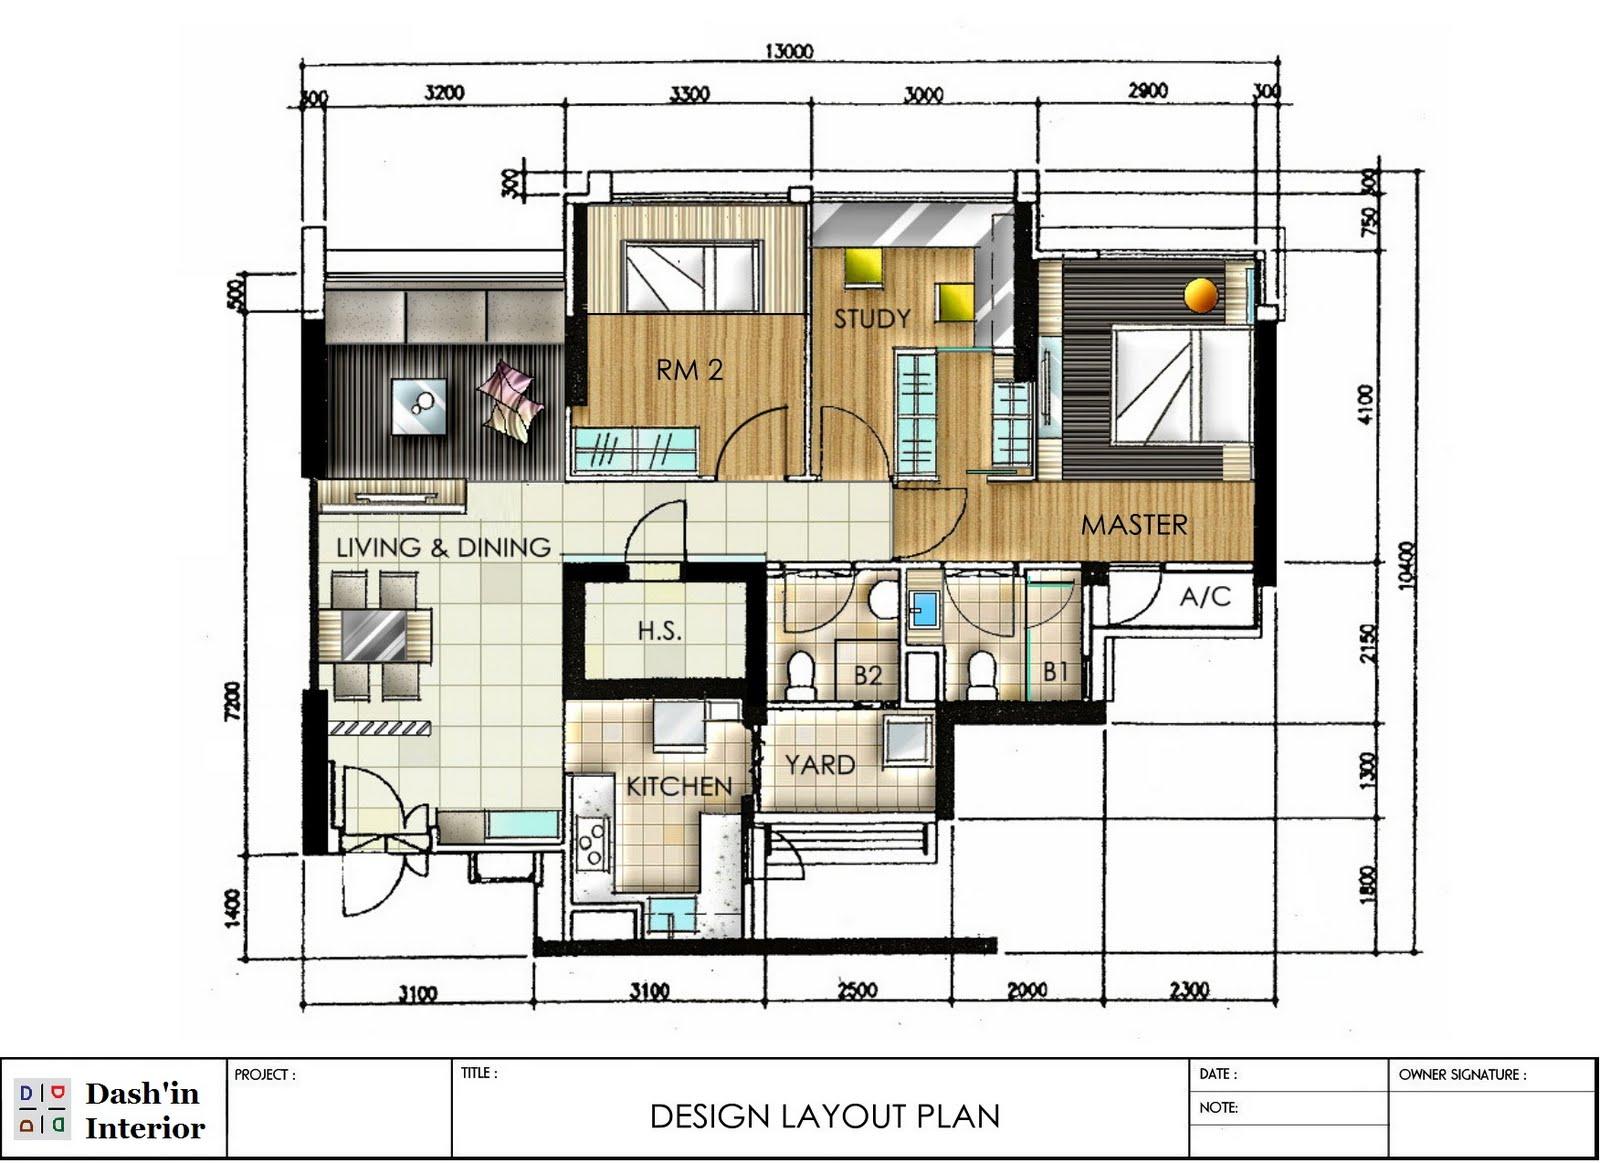 Dashin Interior Hand Drawn Designs floor plan layout